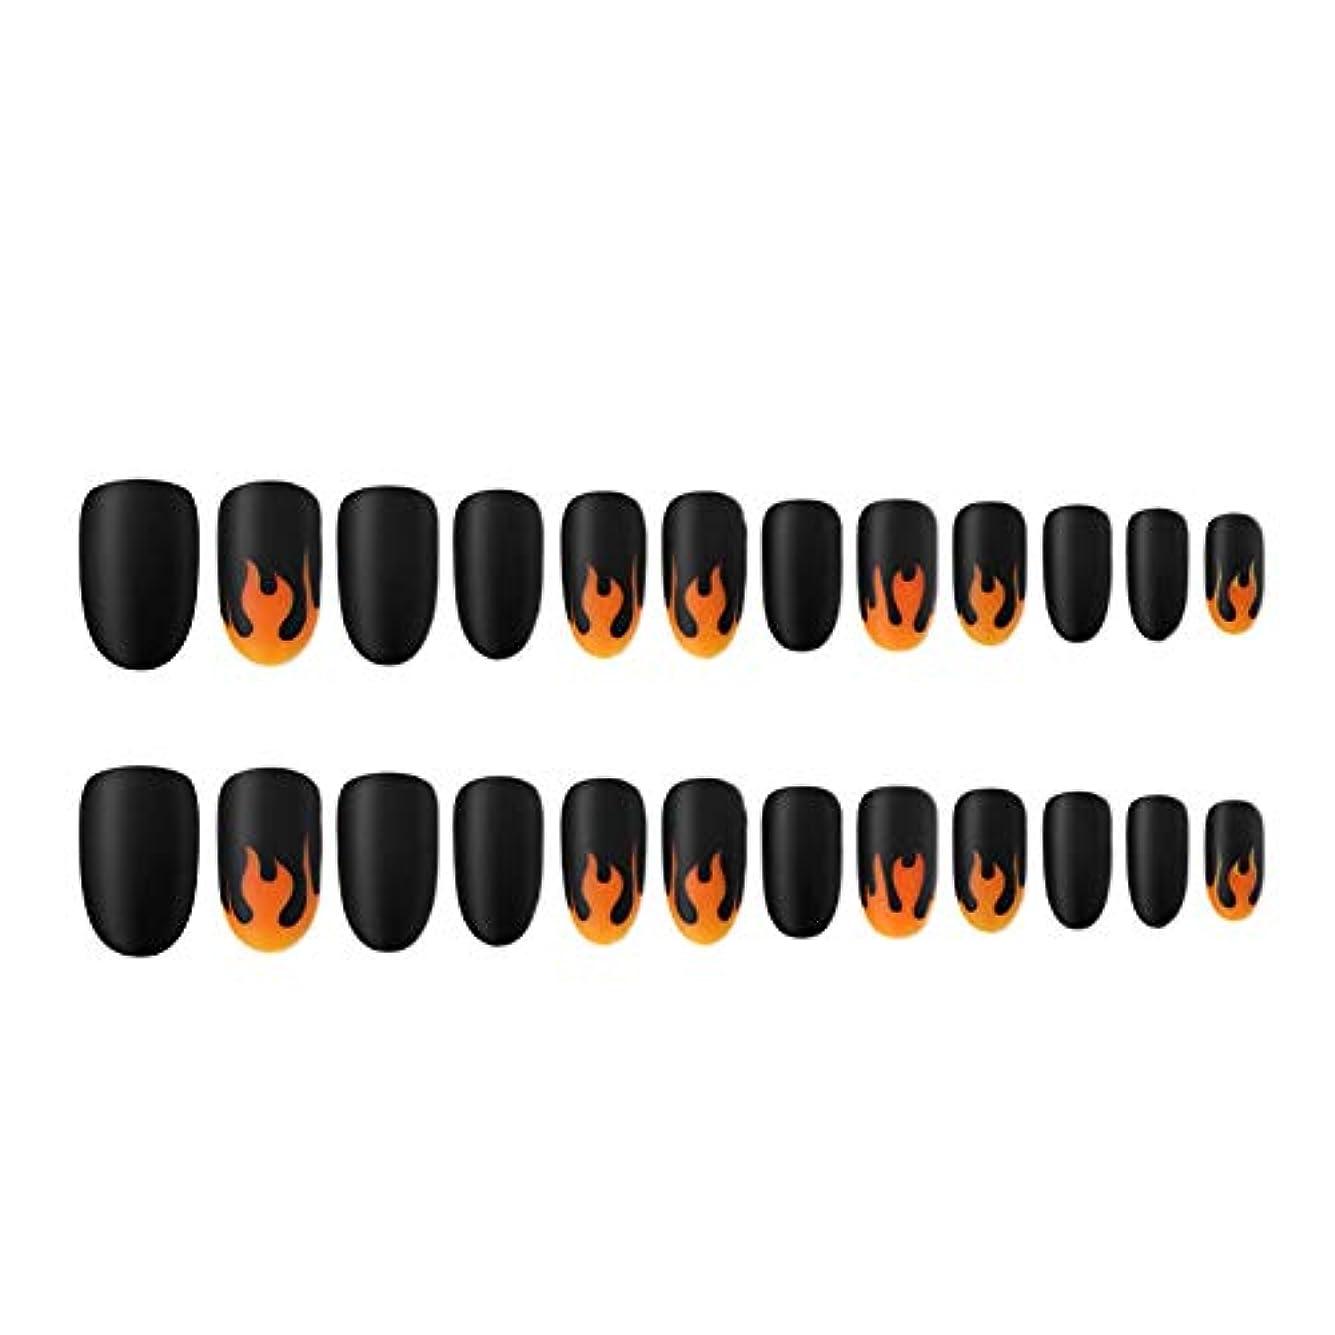 予感スーパークリップ人工爪のヒントの炎パターン塗装ネイルチップのフルカバーネイルのヒントネイル取り外し可能なマットな質感